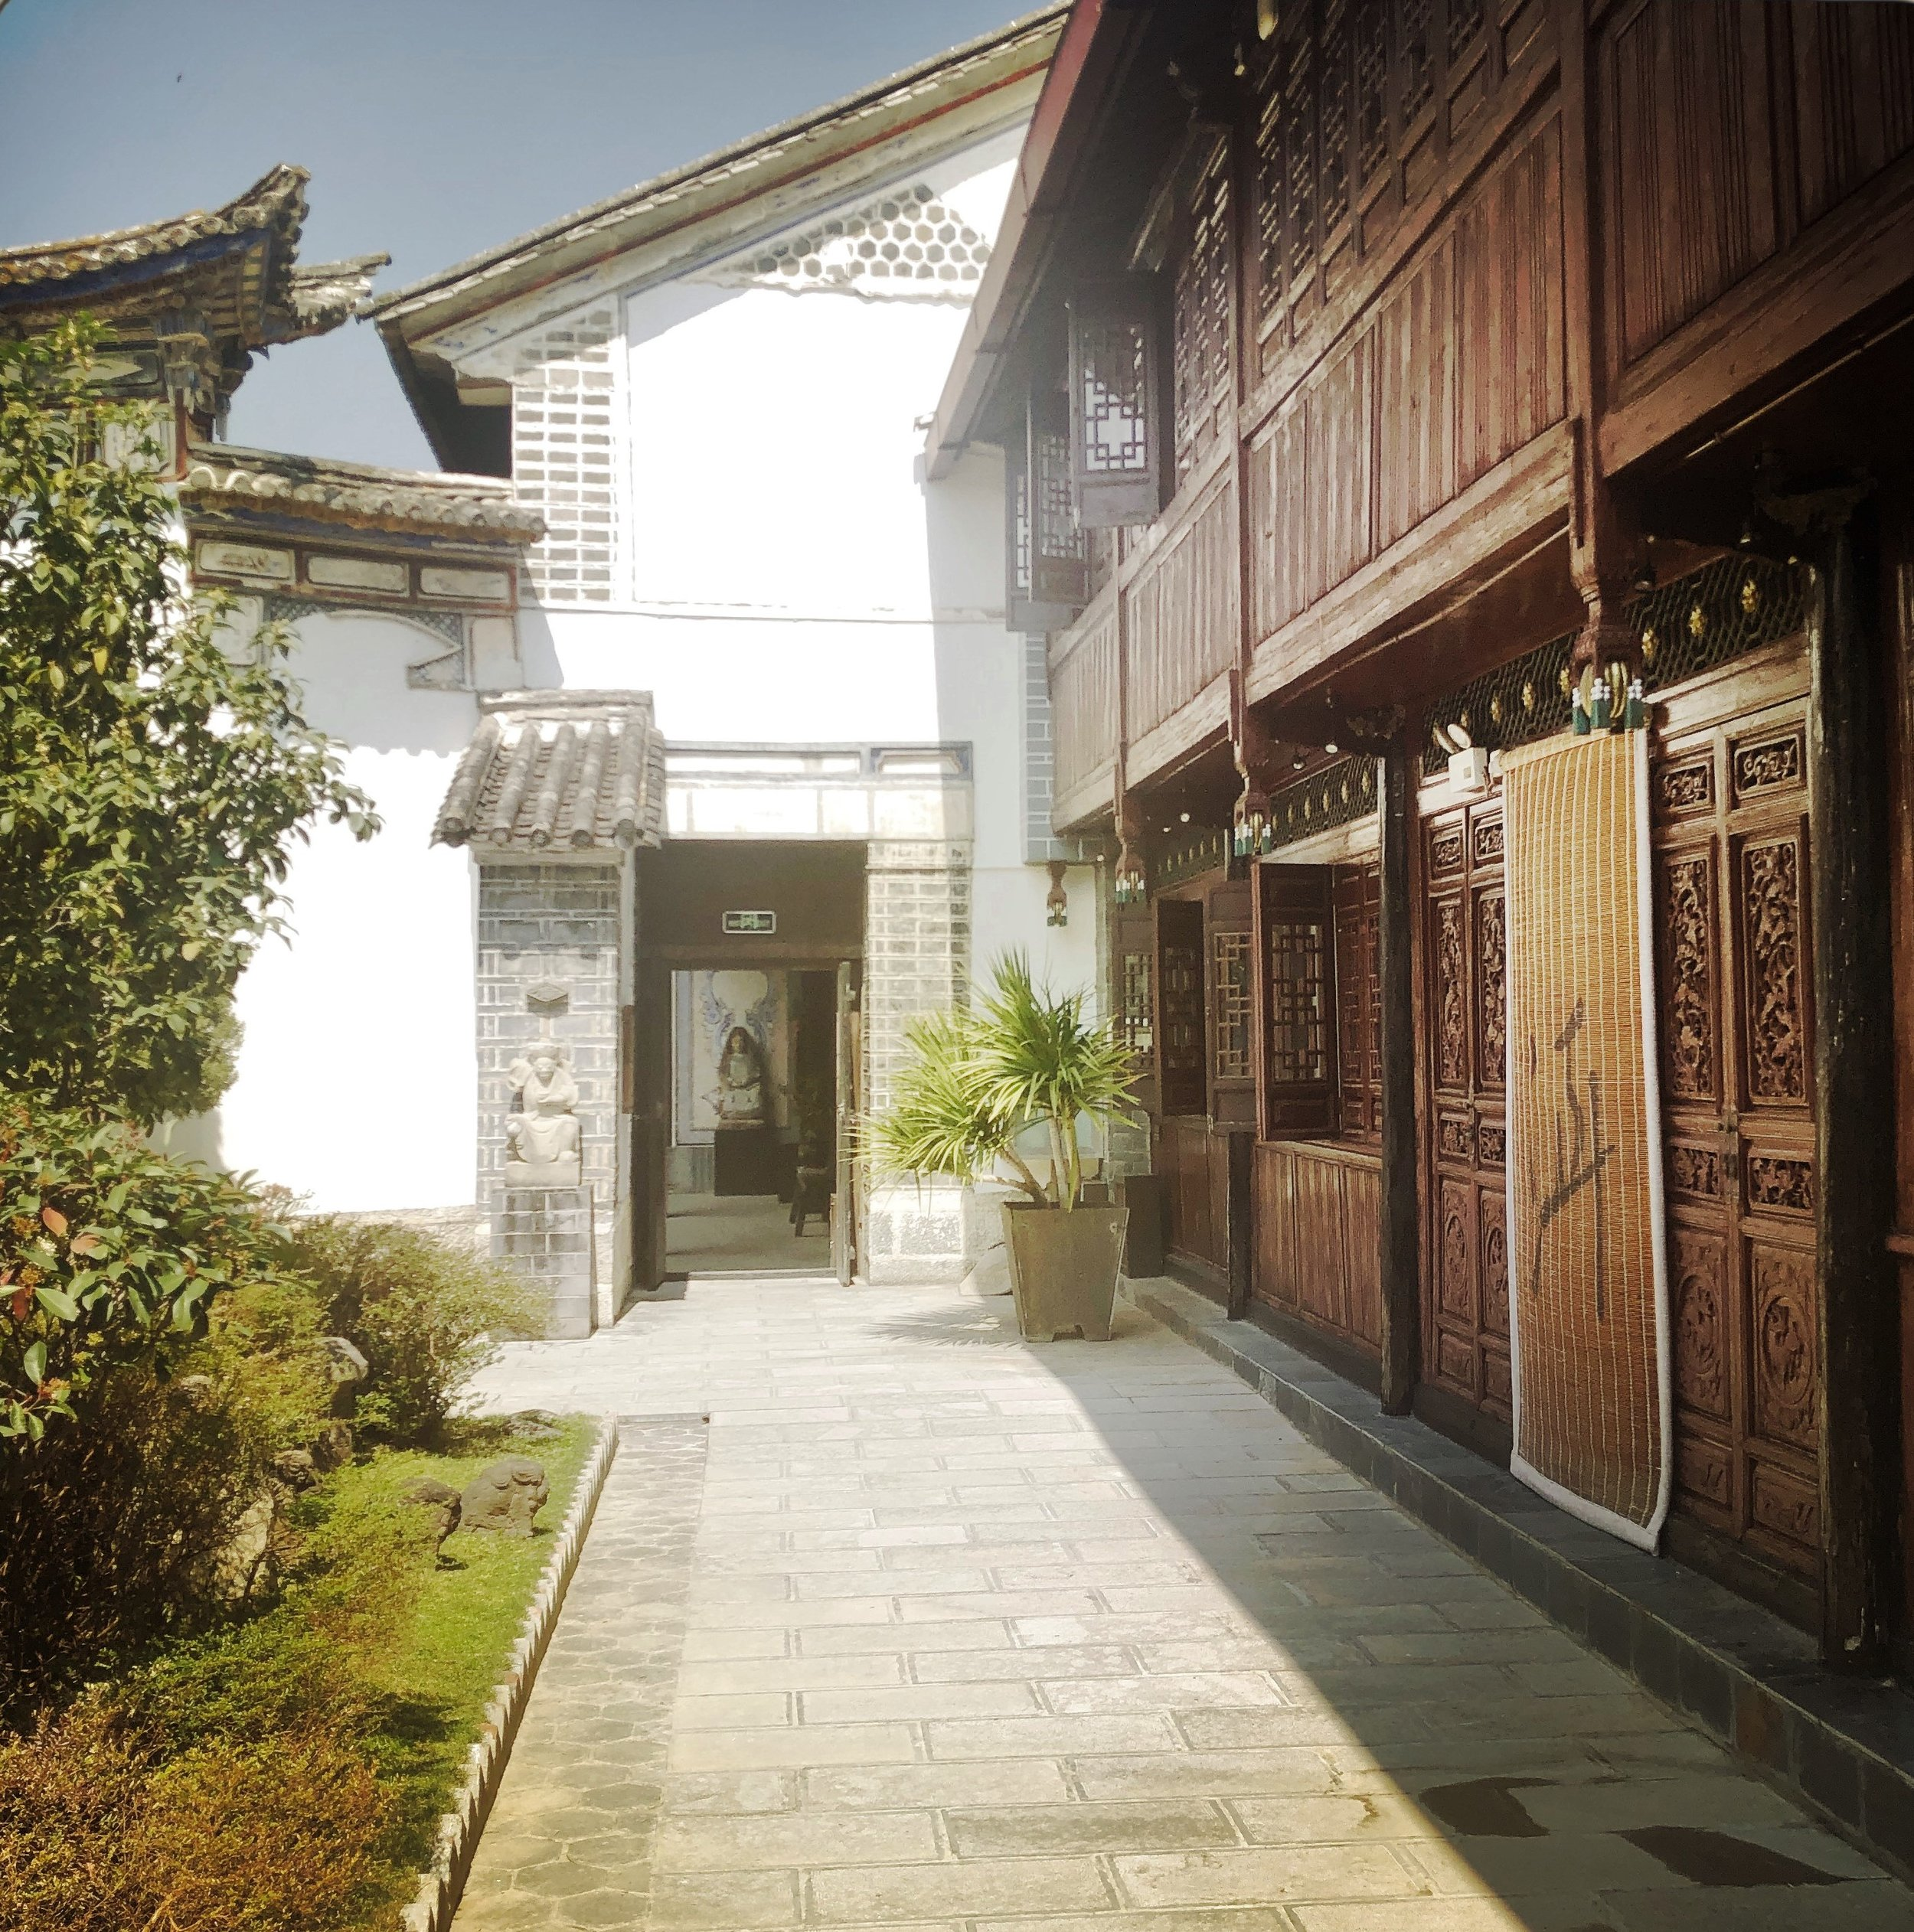 THE LINDEN CENTRE - XIZHOU TOWN, DALI CITY, YUNNAN, CHINA